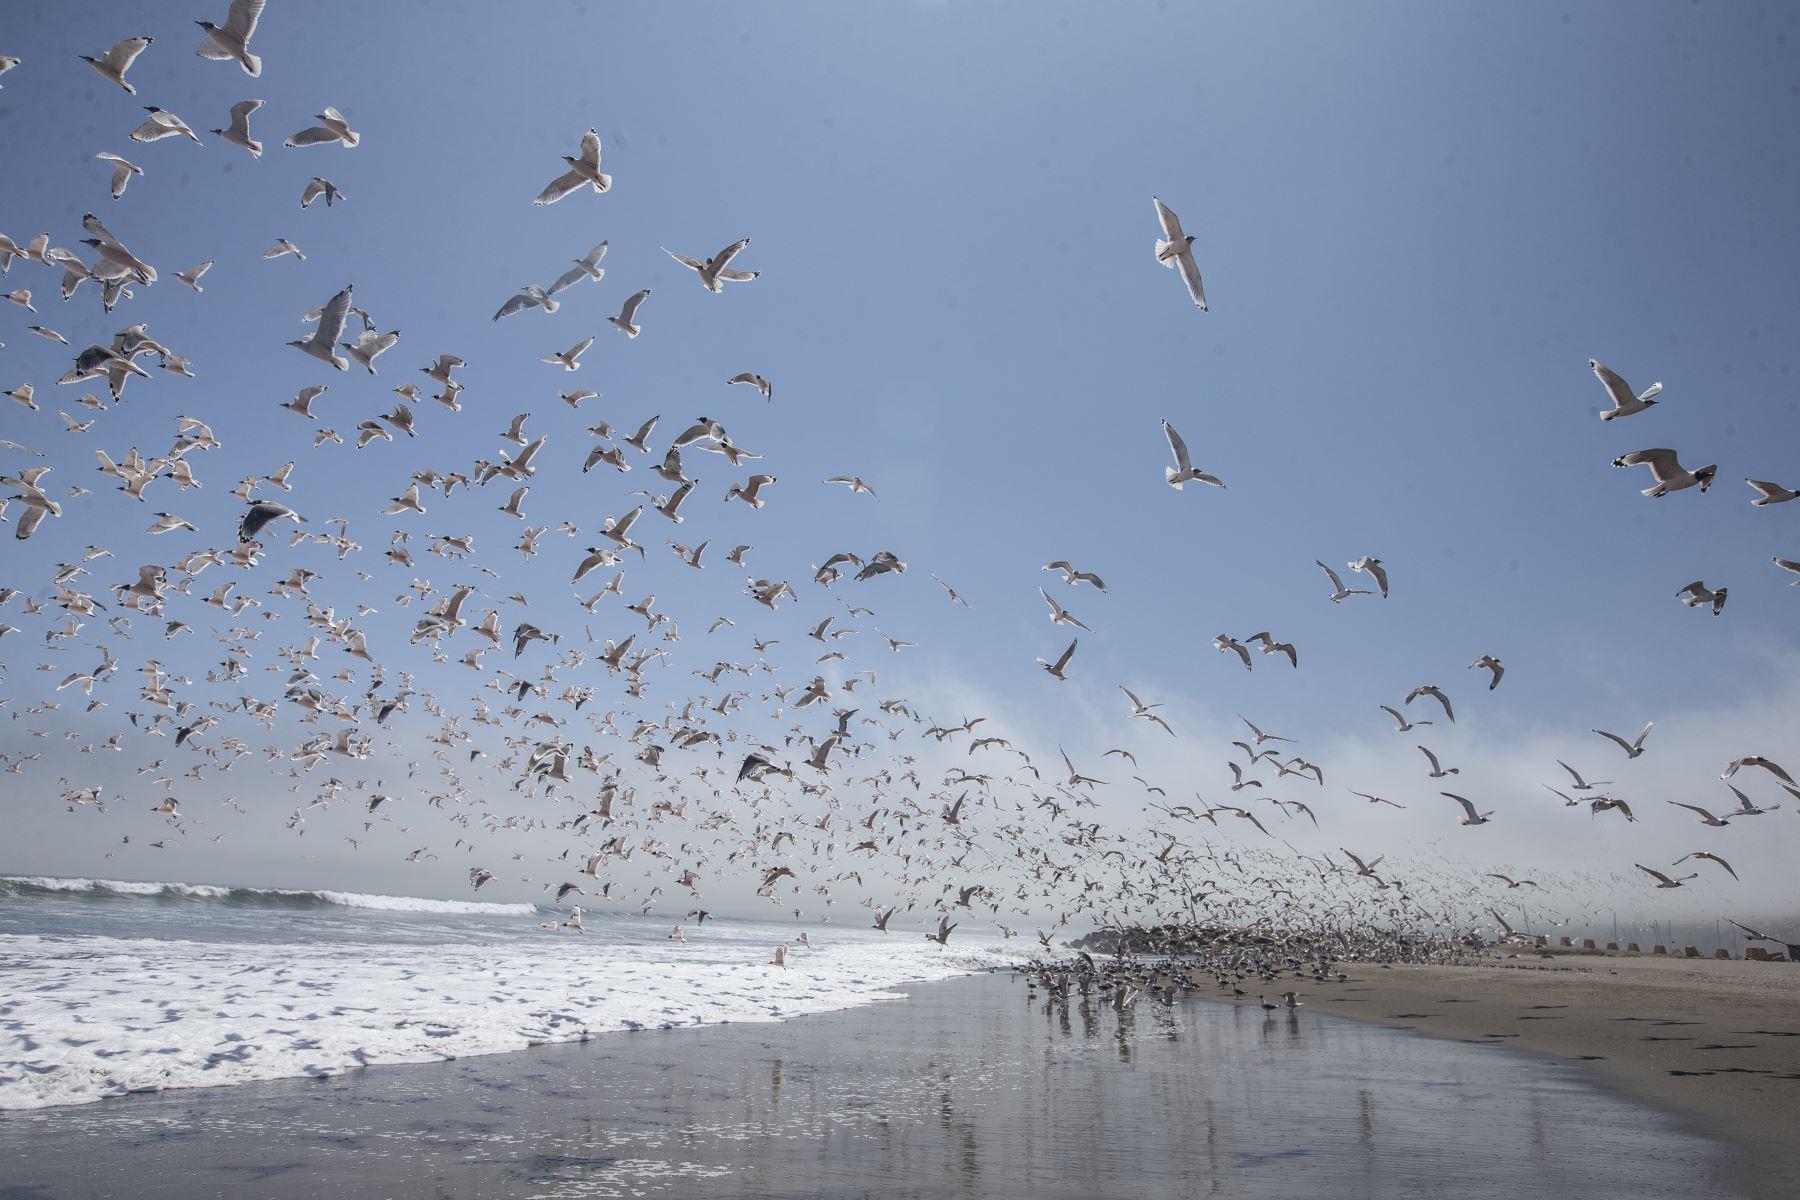 Miles de aves vuelven a las playas Agua Dulce y Sombrillas en la Costa Verde a consecuencia de la ausencia de público por el Estado de Emergencia que obliga a las personas a acatar la cuarentena para frenar el avance del coronavirus Covid-19. Foto: ANDINA/Jhonel Rodríguez Robles